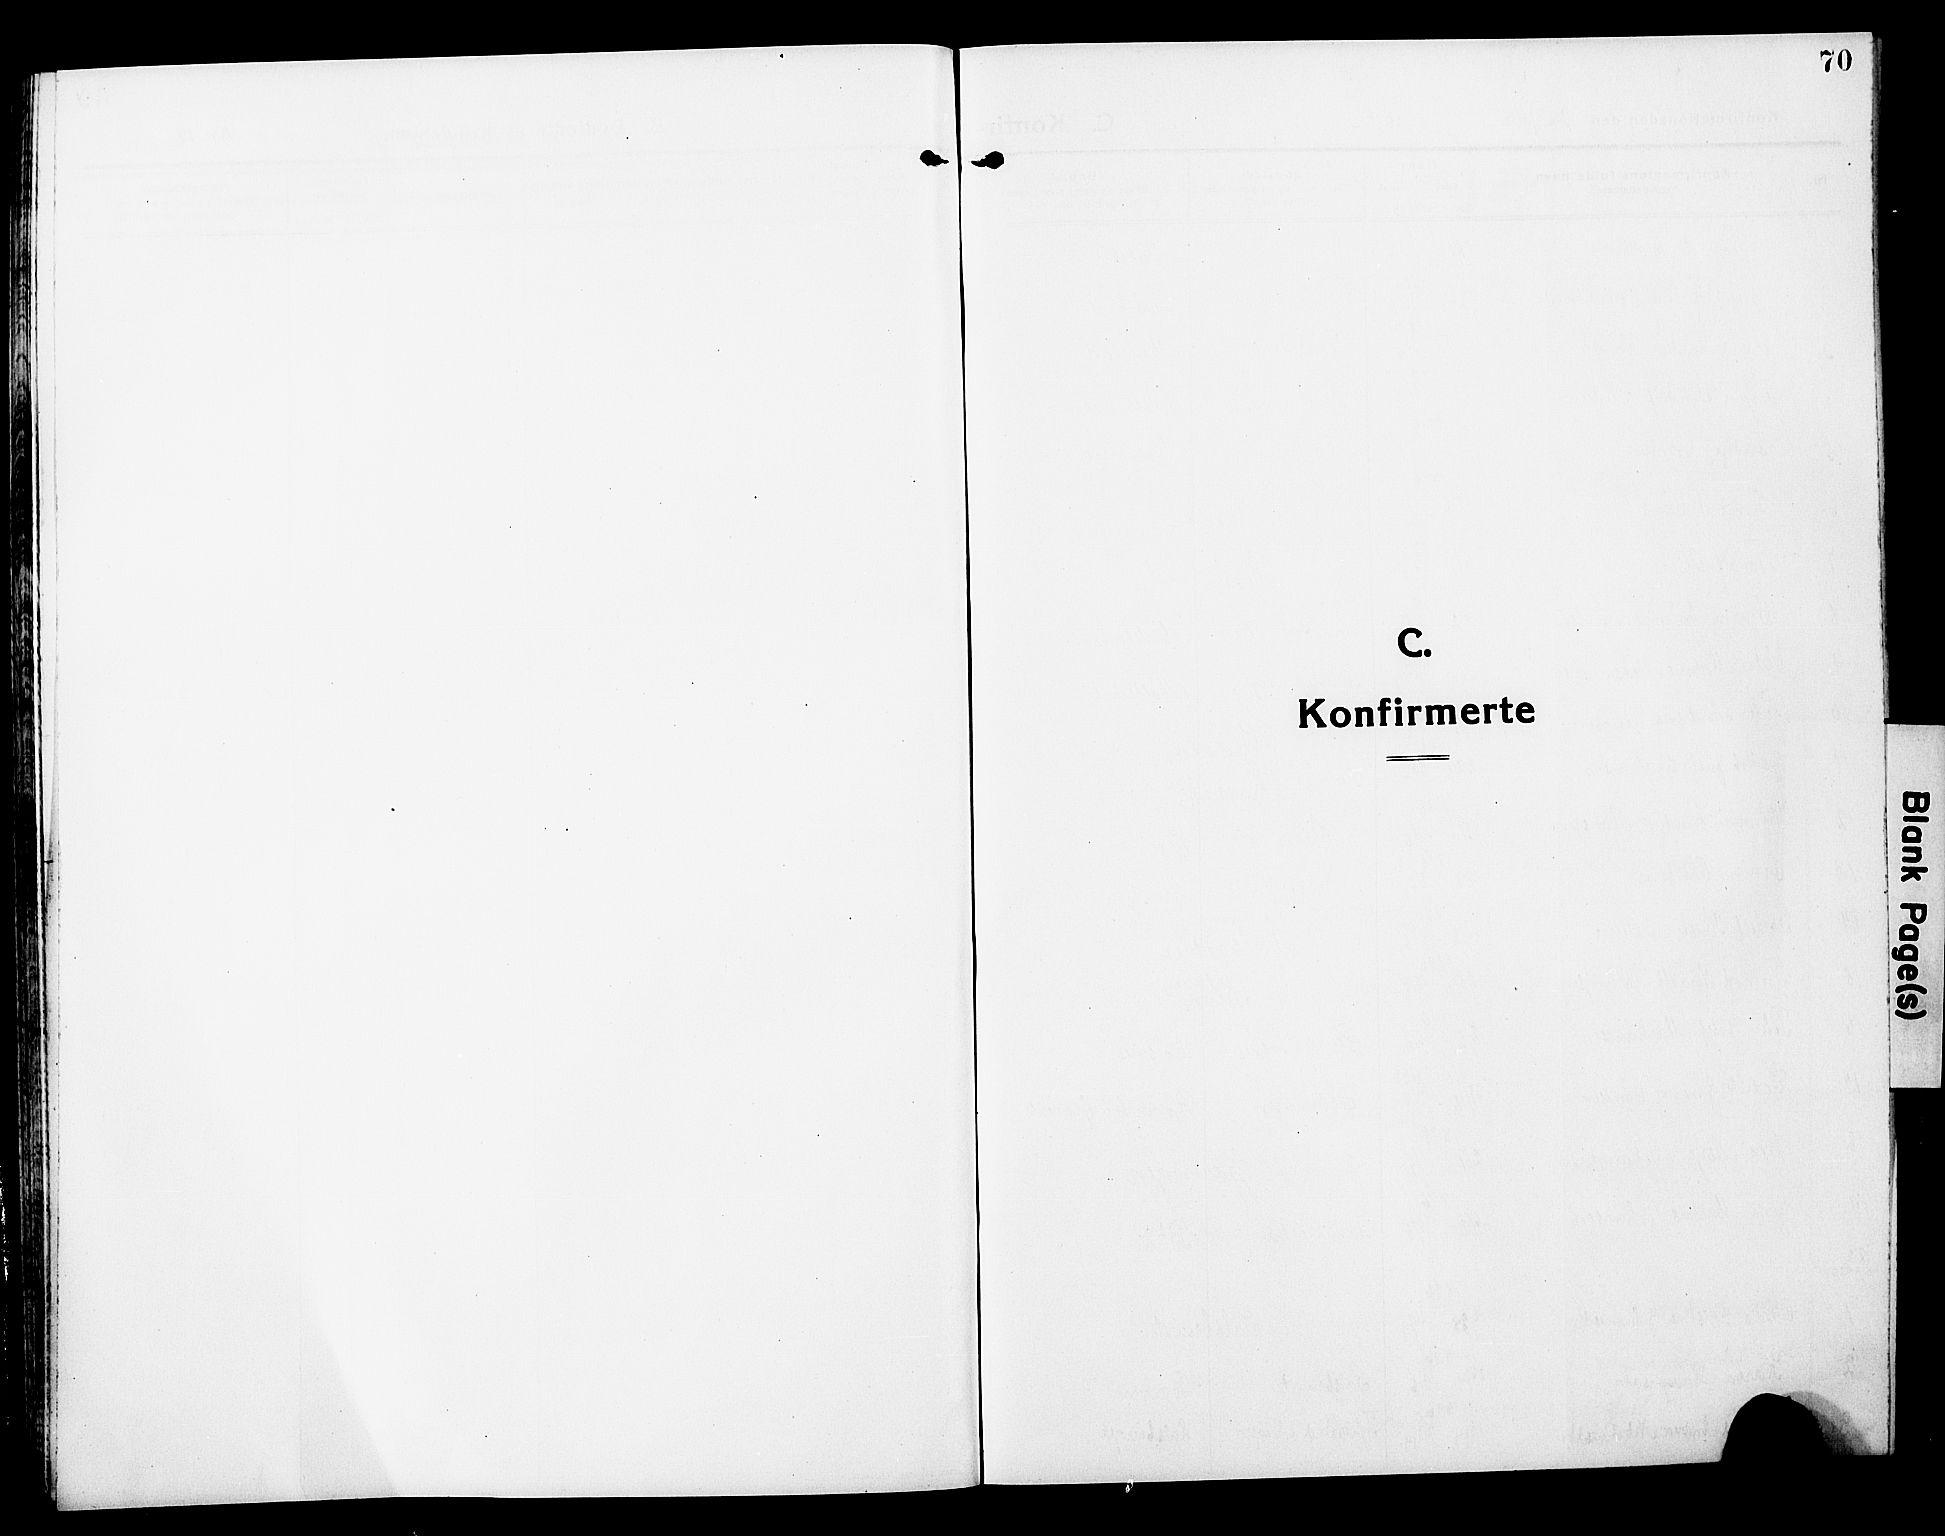 SAT, Ministerialprotokoller, klokkerbøker og fødselsregistre - Nord-Trøndelag, 780/L0653: Klokkerbok nr. 780C05, 1911-1927, s. 70